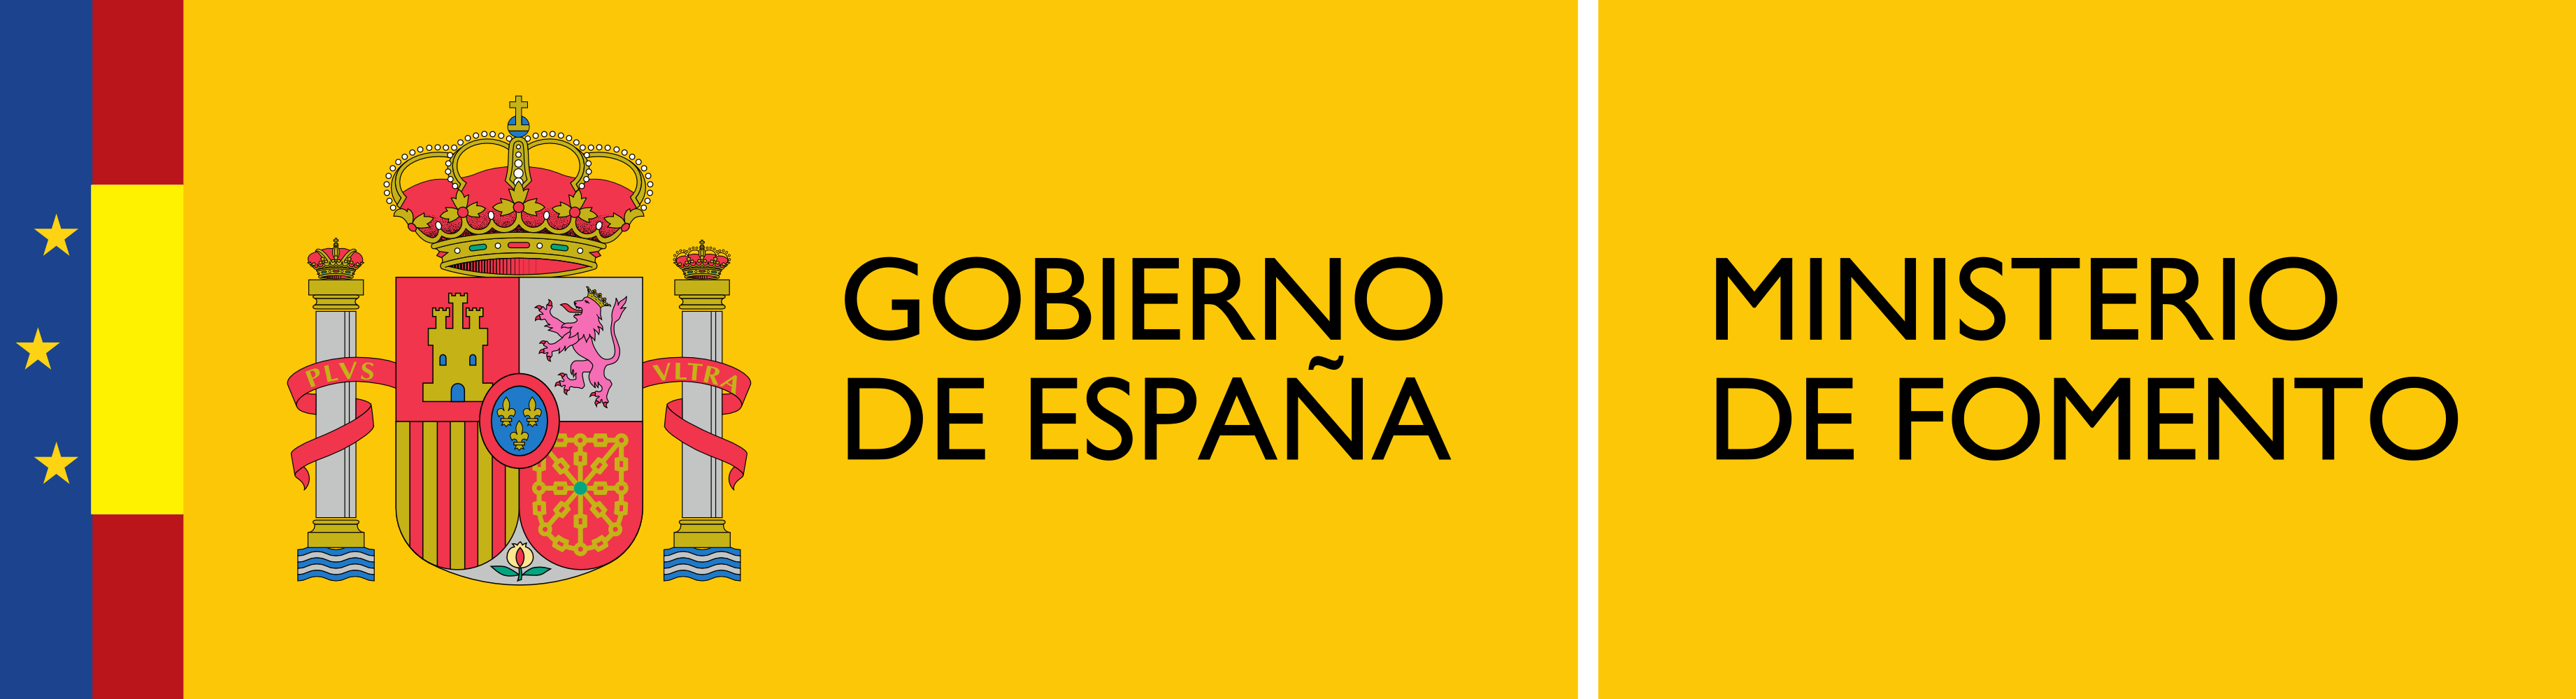 opiniones de ministerio de fomento de espana